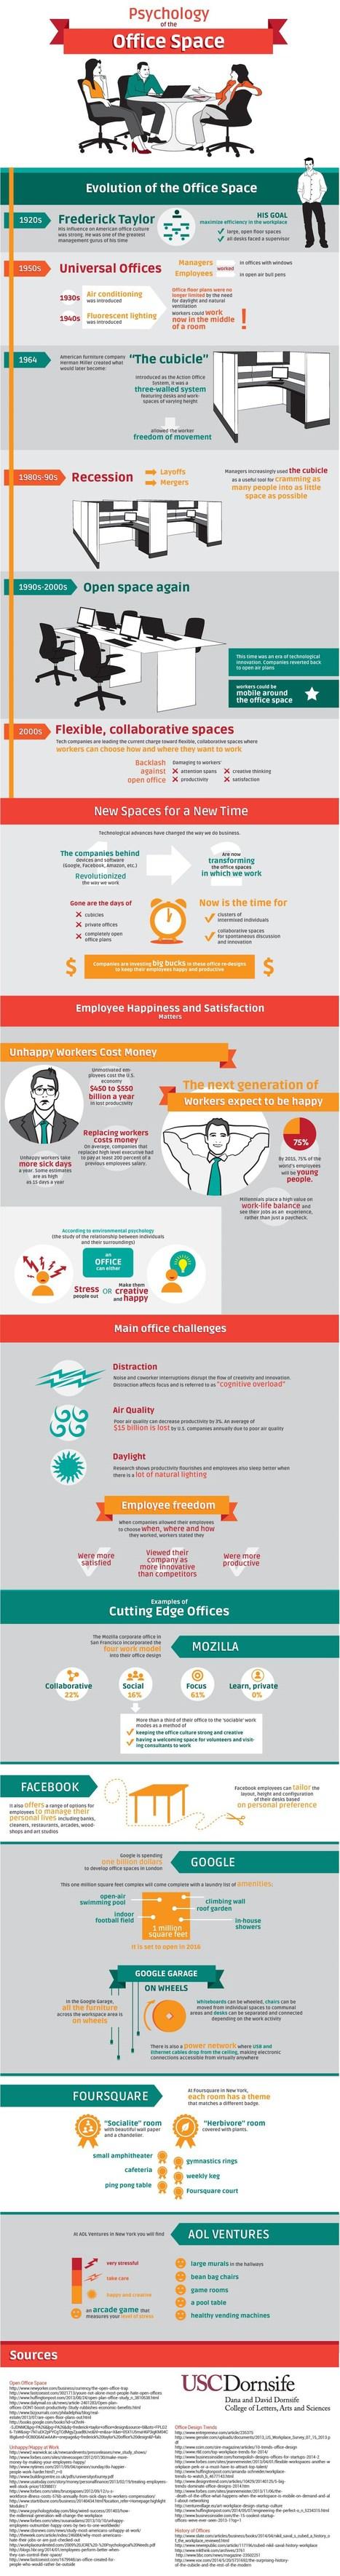 Innovación y oficinas abiertas vs. estándar   HBR 2013   Innovación, Tecnología y Educación   Scoop.it